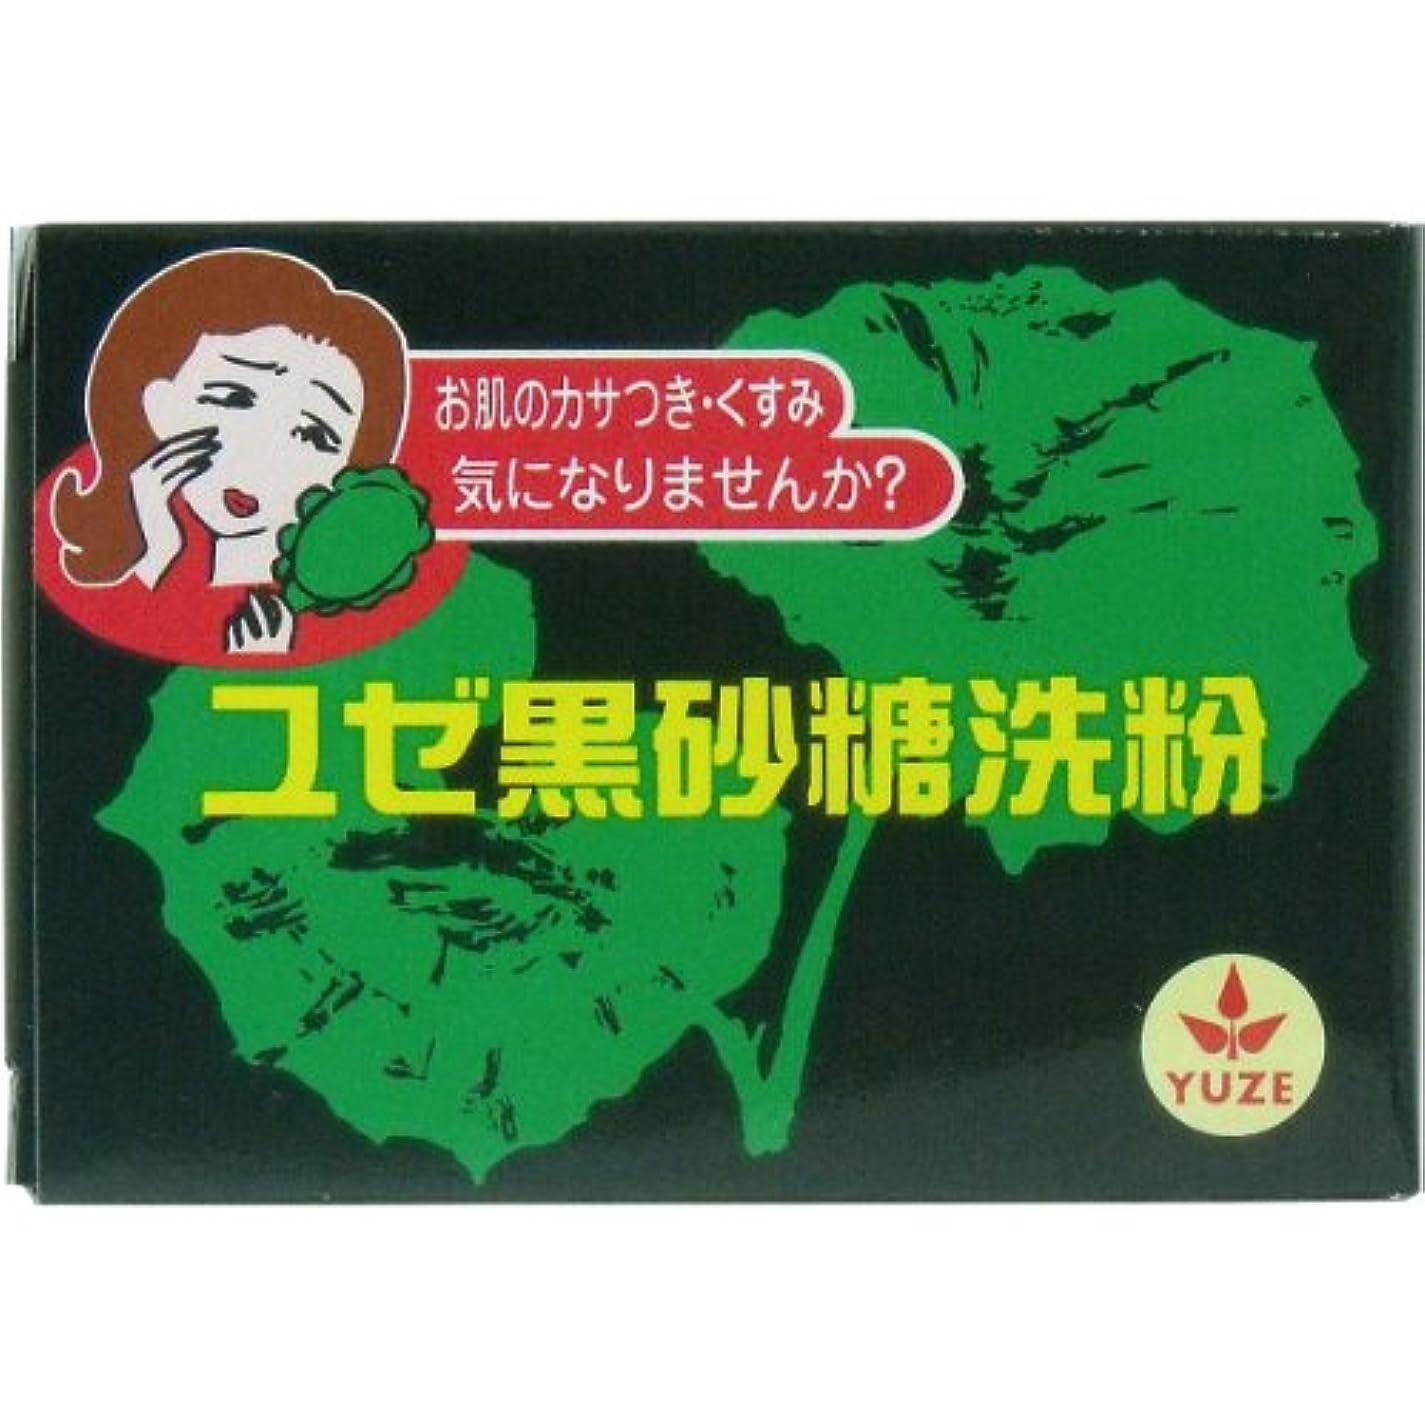 吸収間に合わせインカ帝国ユゼ 黒砂糖洗粉(黒糖石鹸)